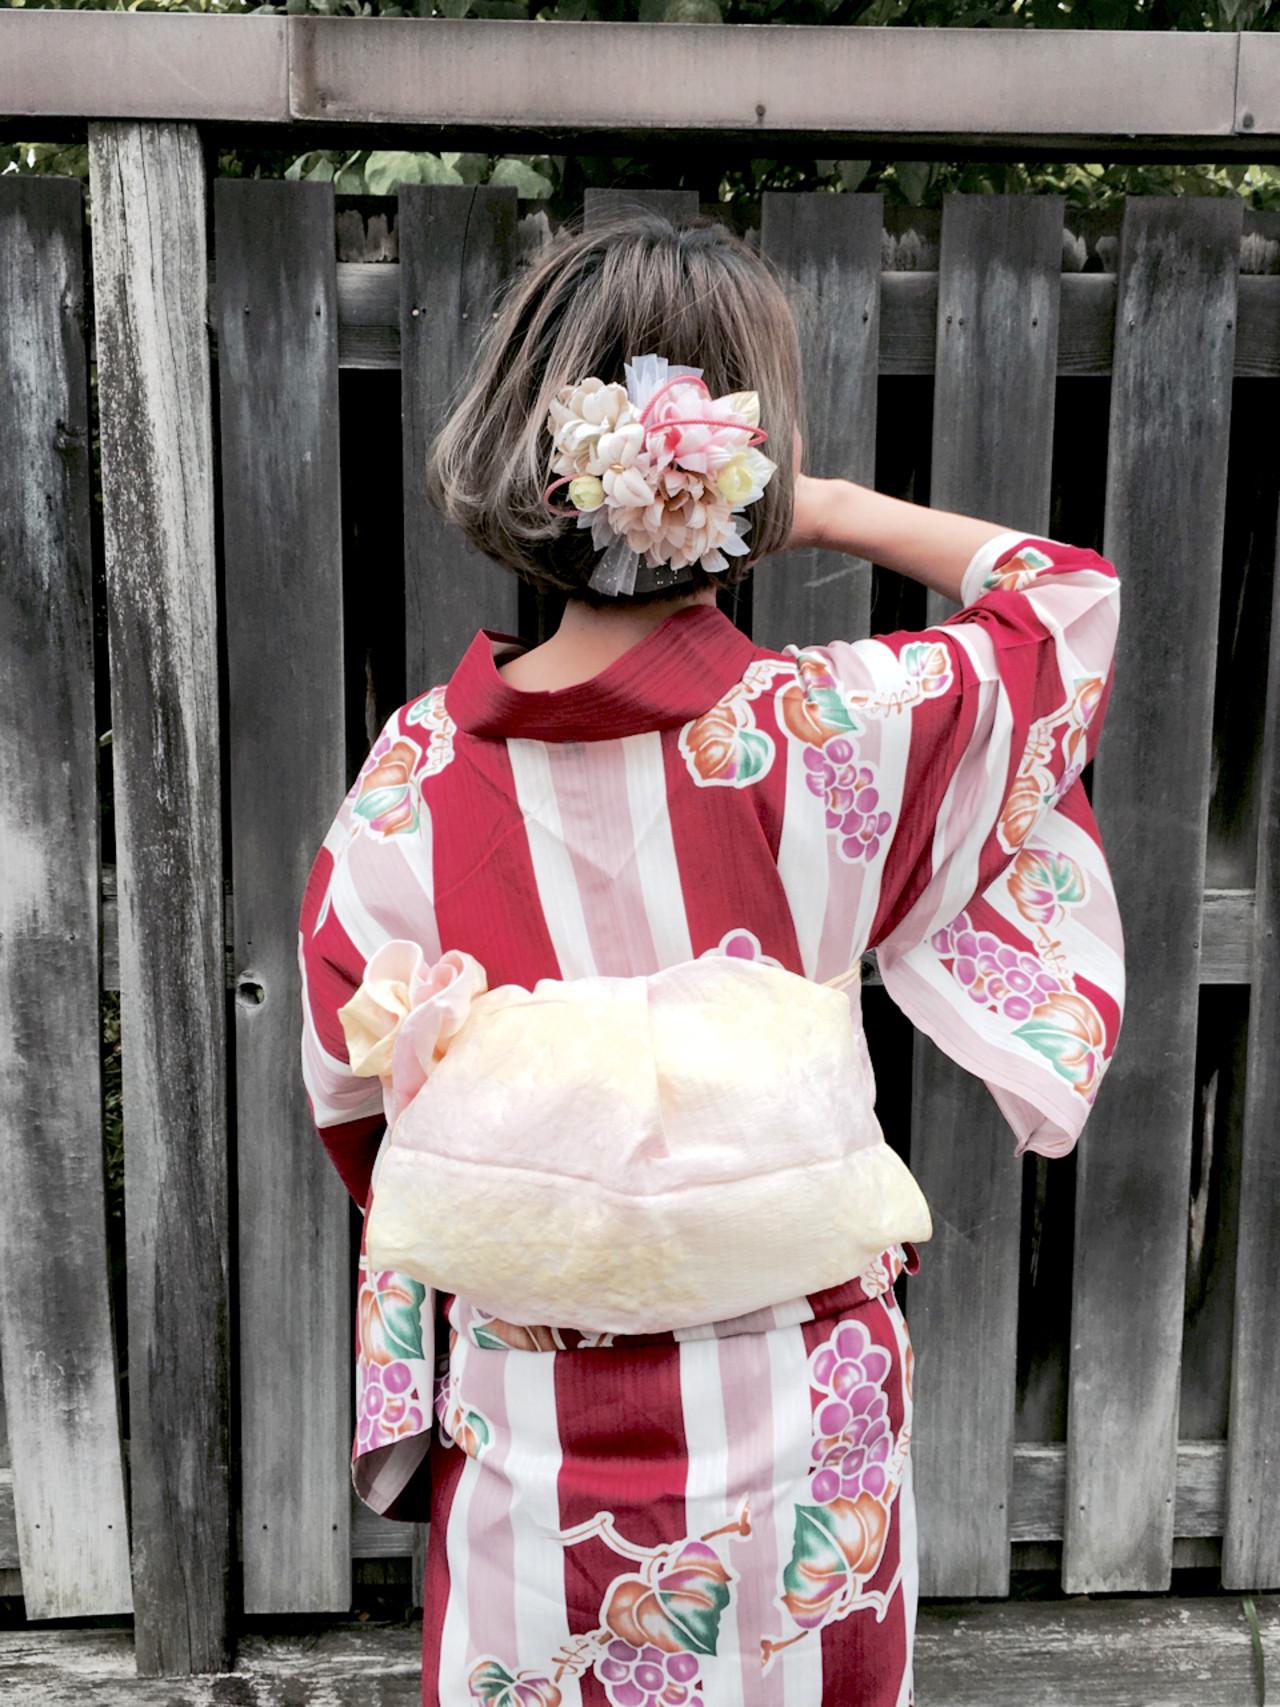 ヘアアレンジ ボブ 和装 お祭り ヘアスタイルや髪型の写真・画像 | さとみ / e'clat